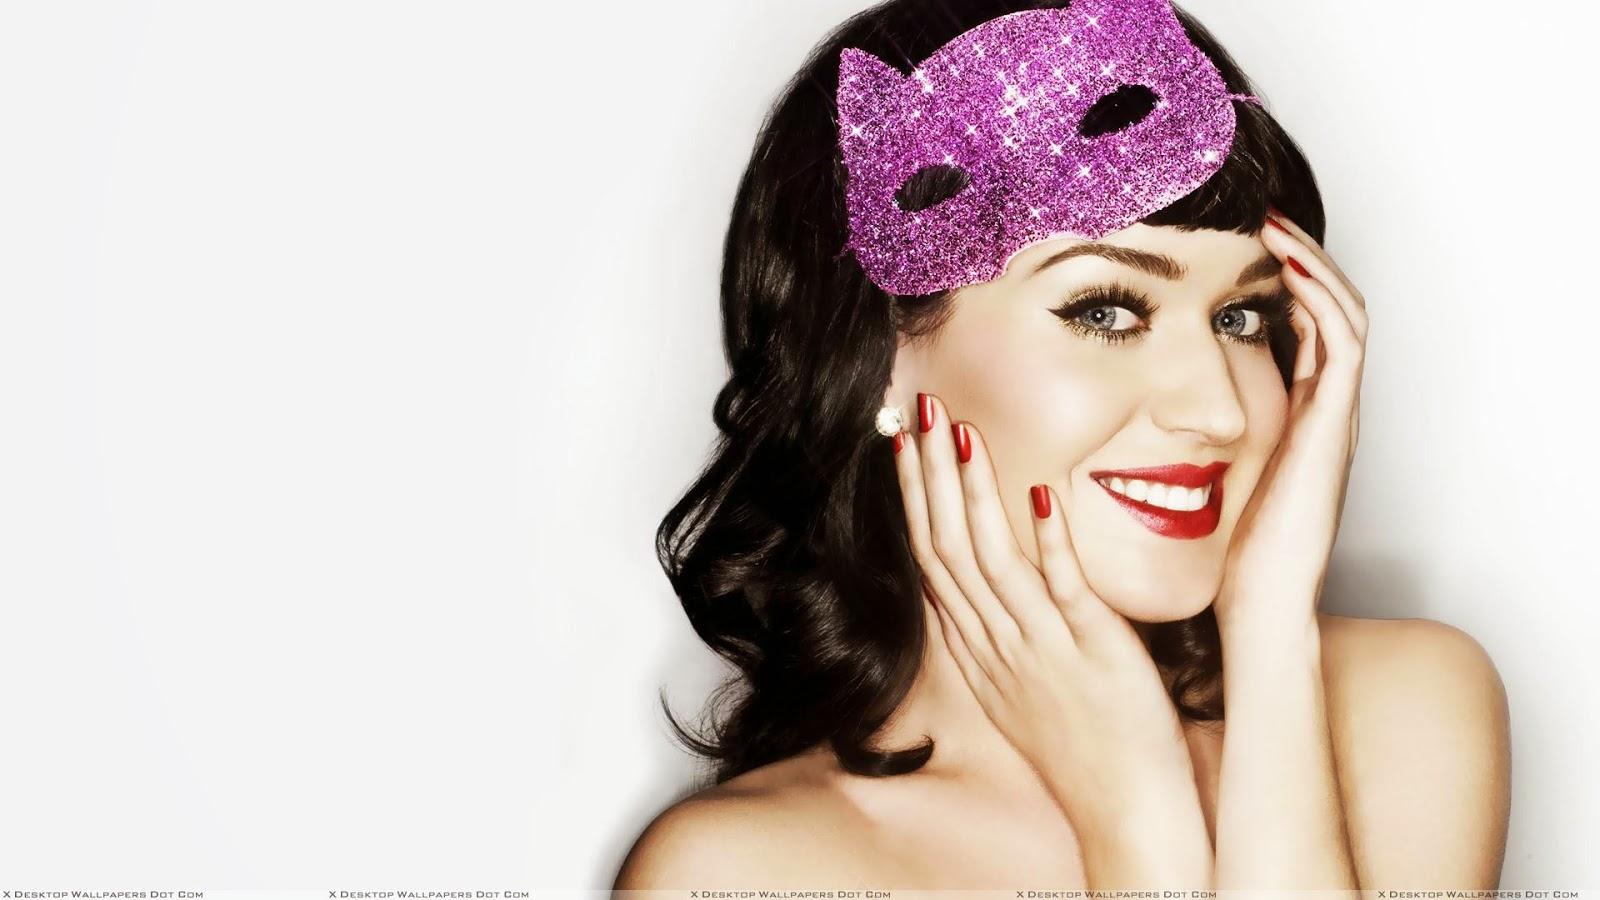 Biodata dan Foto Katy Perry Terbaru